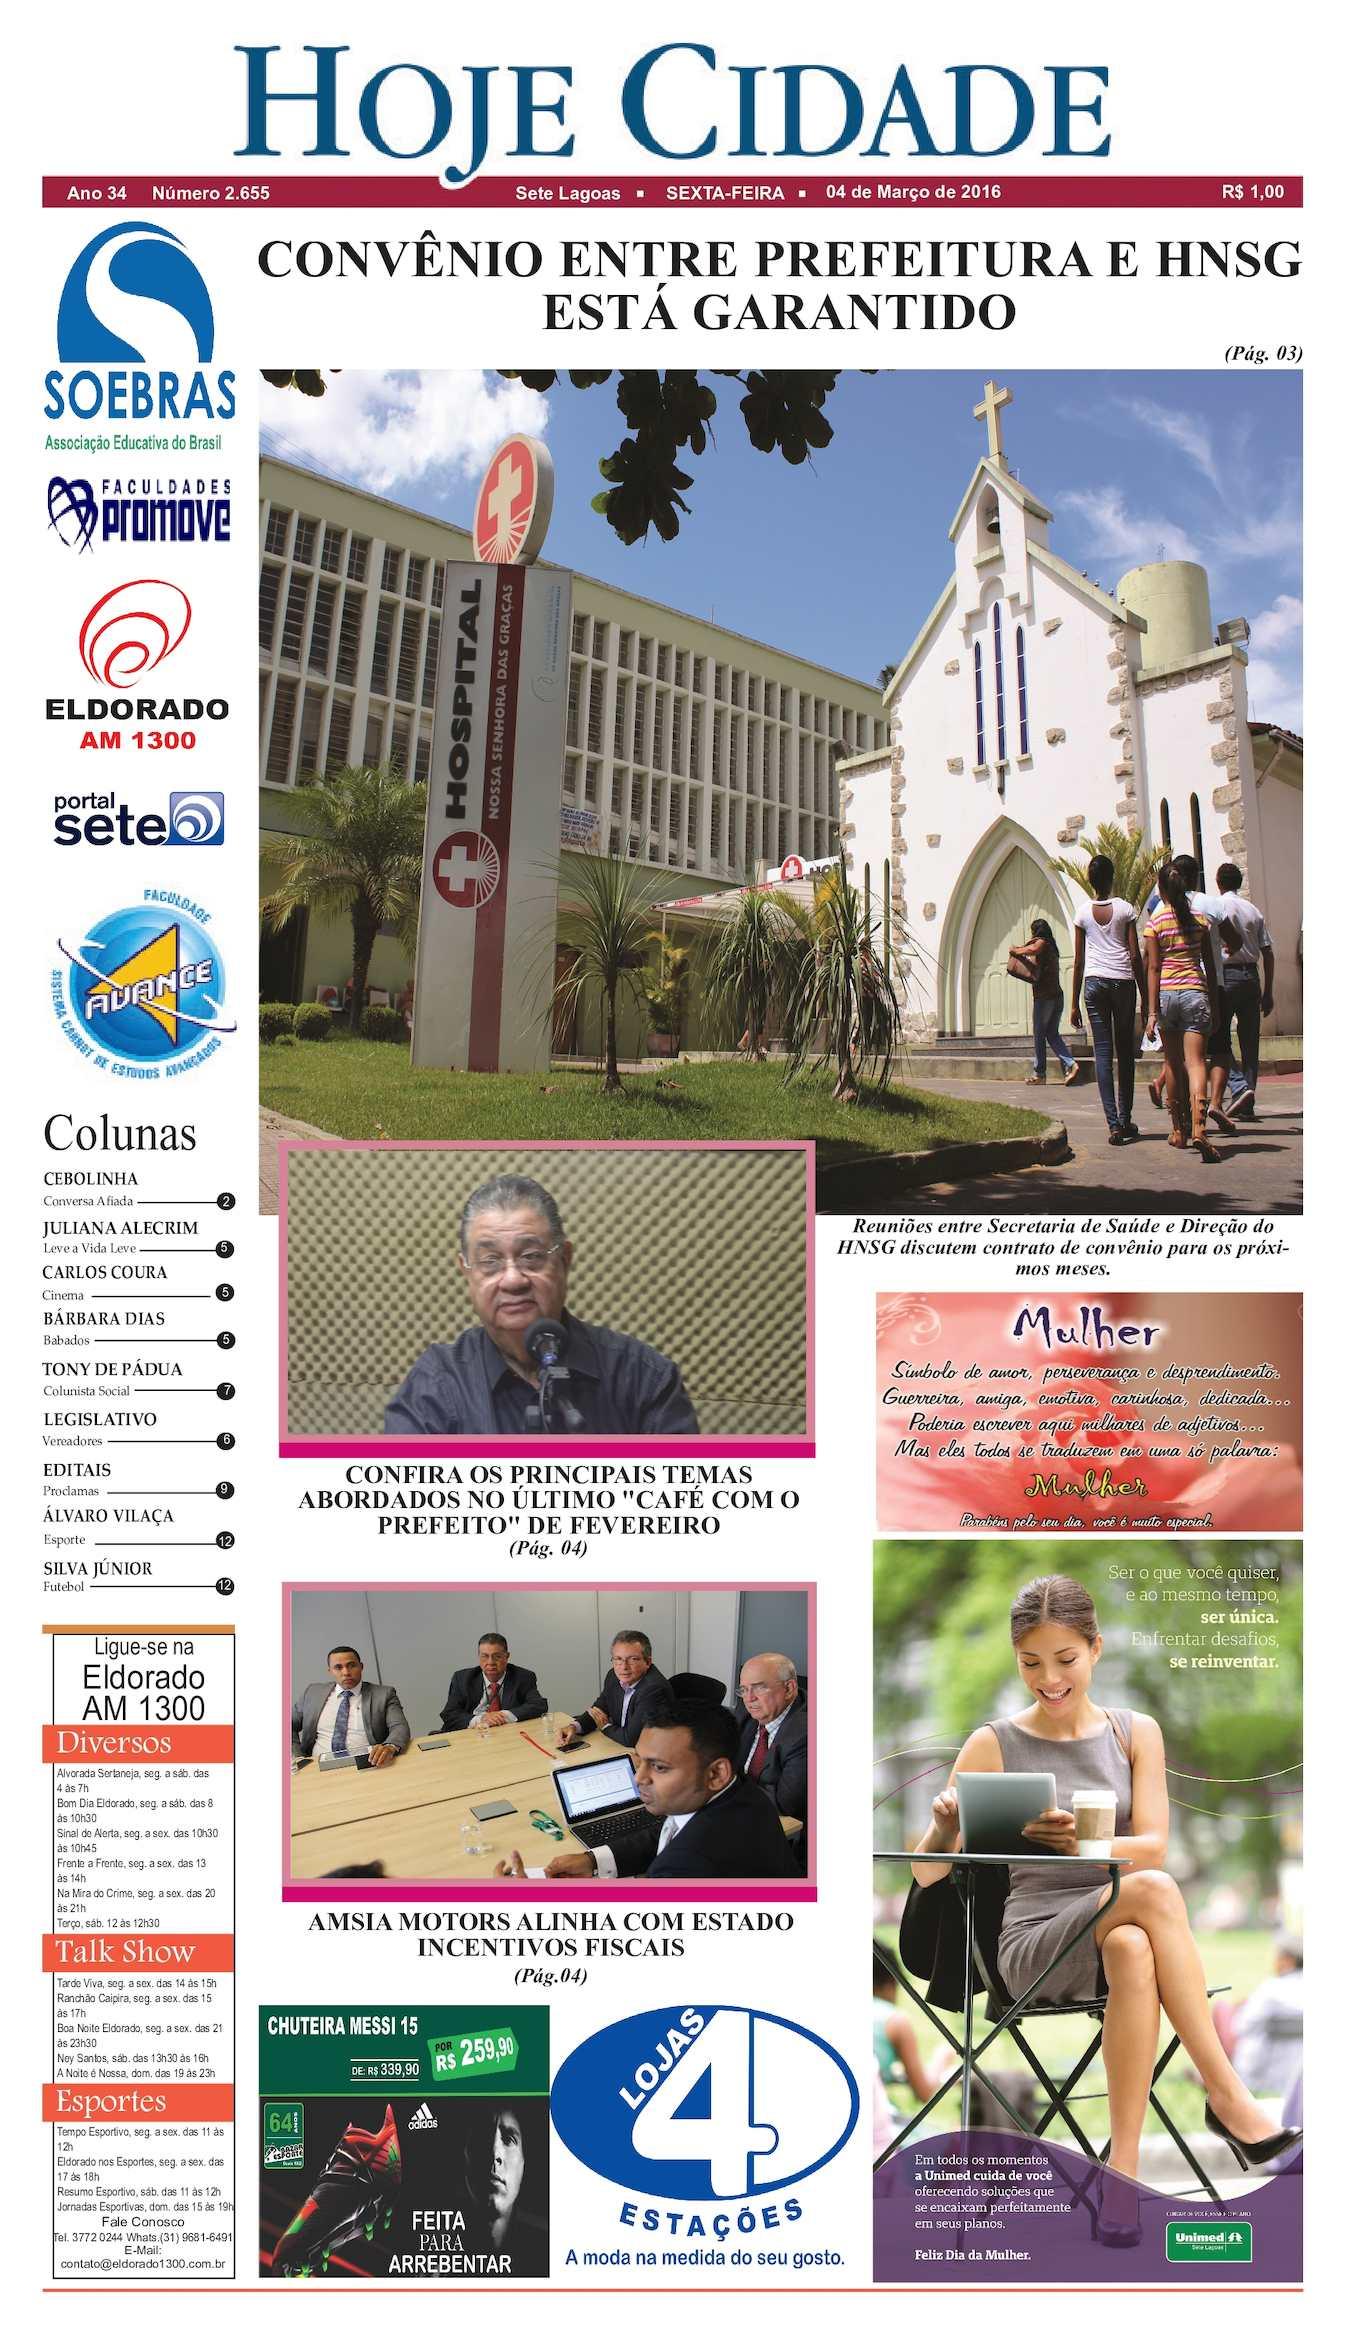 Calaméo - Jornal Hoje Cidade 04 03 2016 bbcbd92170